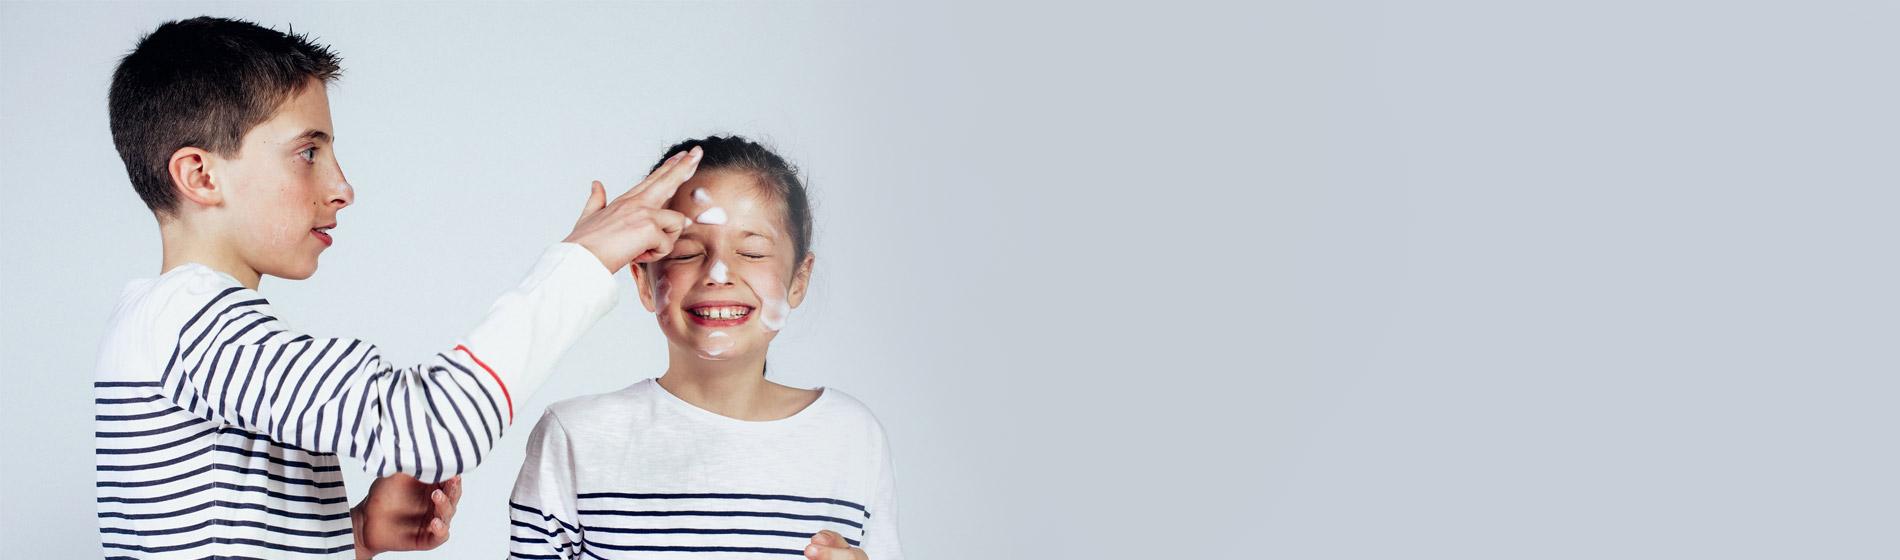 photo-bandeau-soins-pour-enfants-2